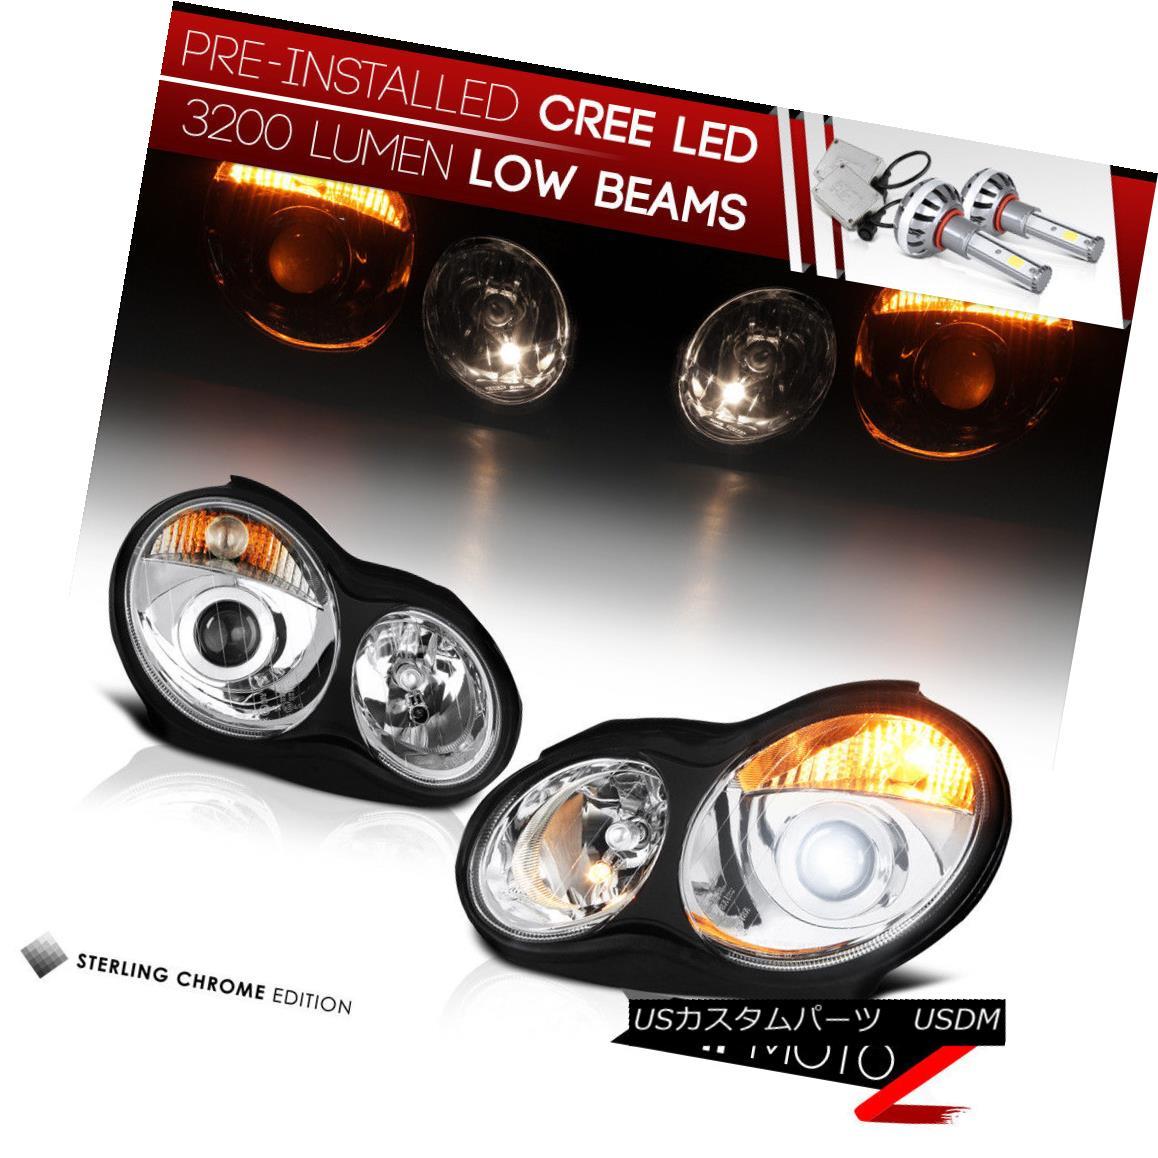 ヘッドライト [CREE LED Bulb Installed] 01-07 MB C-Class W203 Chrome Projector Headlight Lamp [CREE LED Bulbをインストール] 01-07 MB CクラスW203クロームプロジェクターヘッドライトランプ